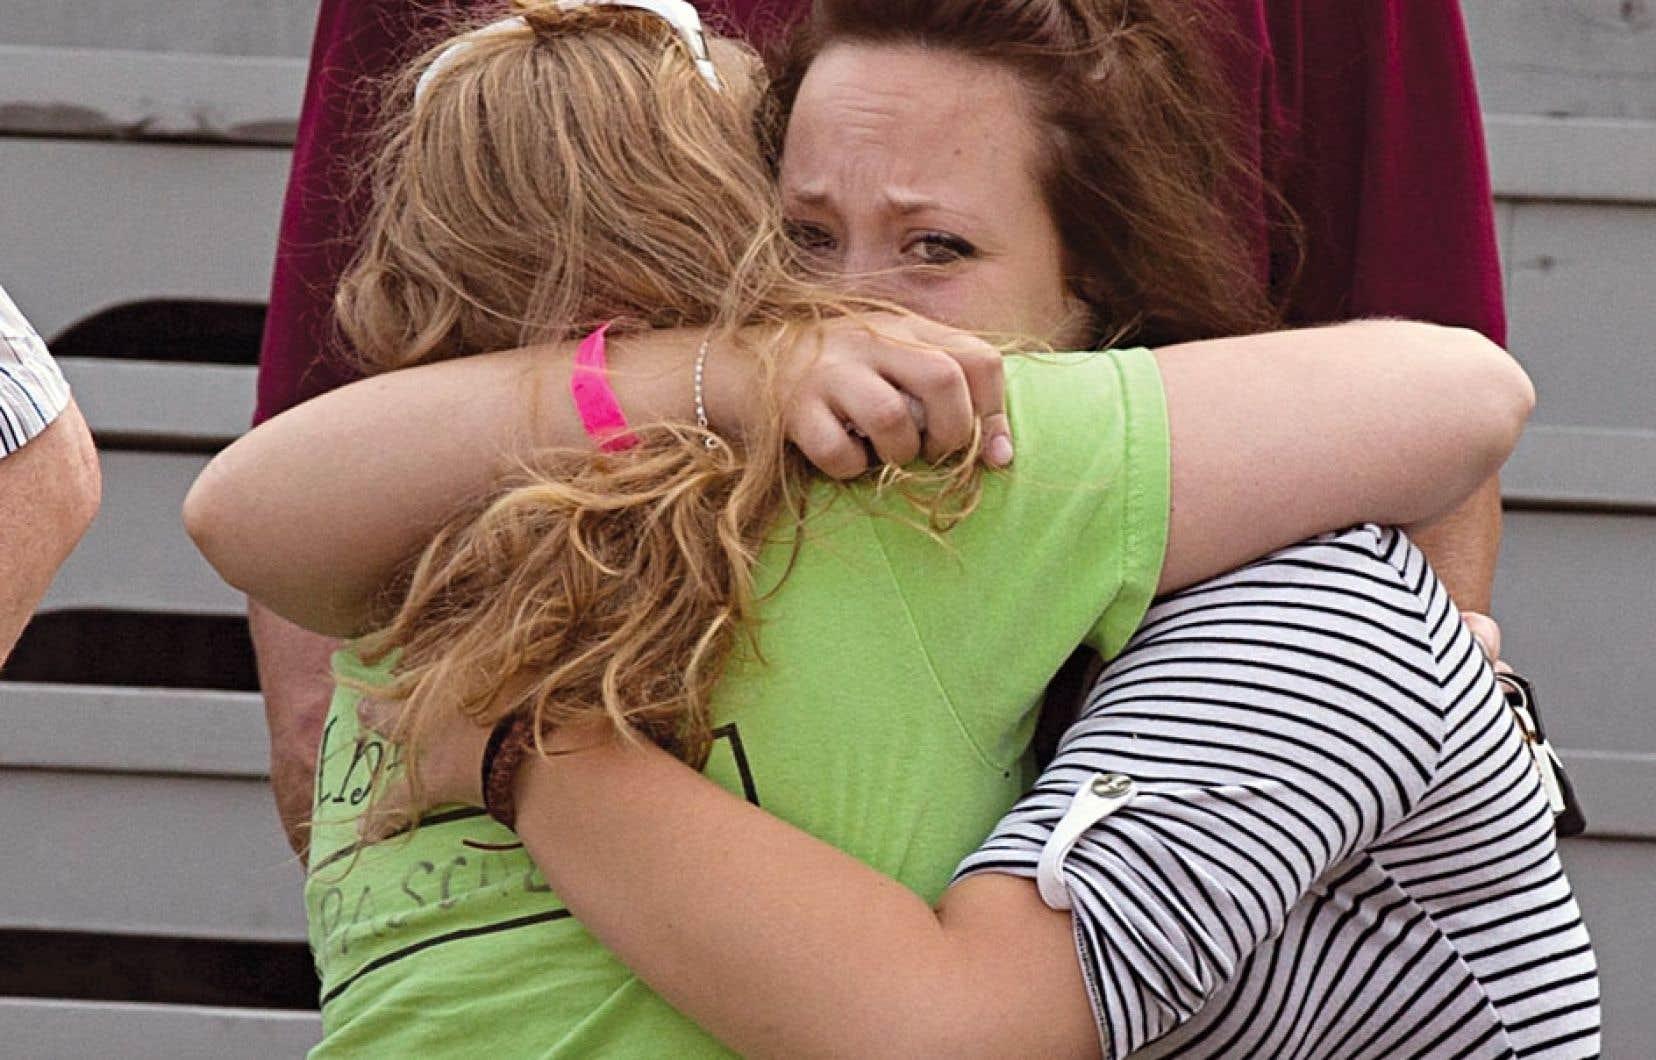 <div> Des proches des disparus tentant de se r&eacute;conforter, dimanche, &agrave; Lac-M&eacute;gantic.</div>